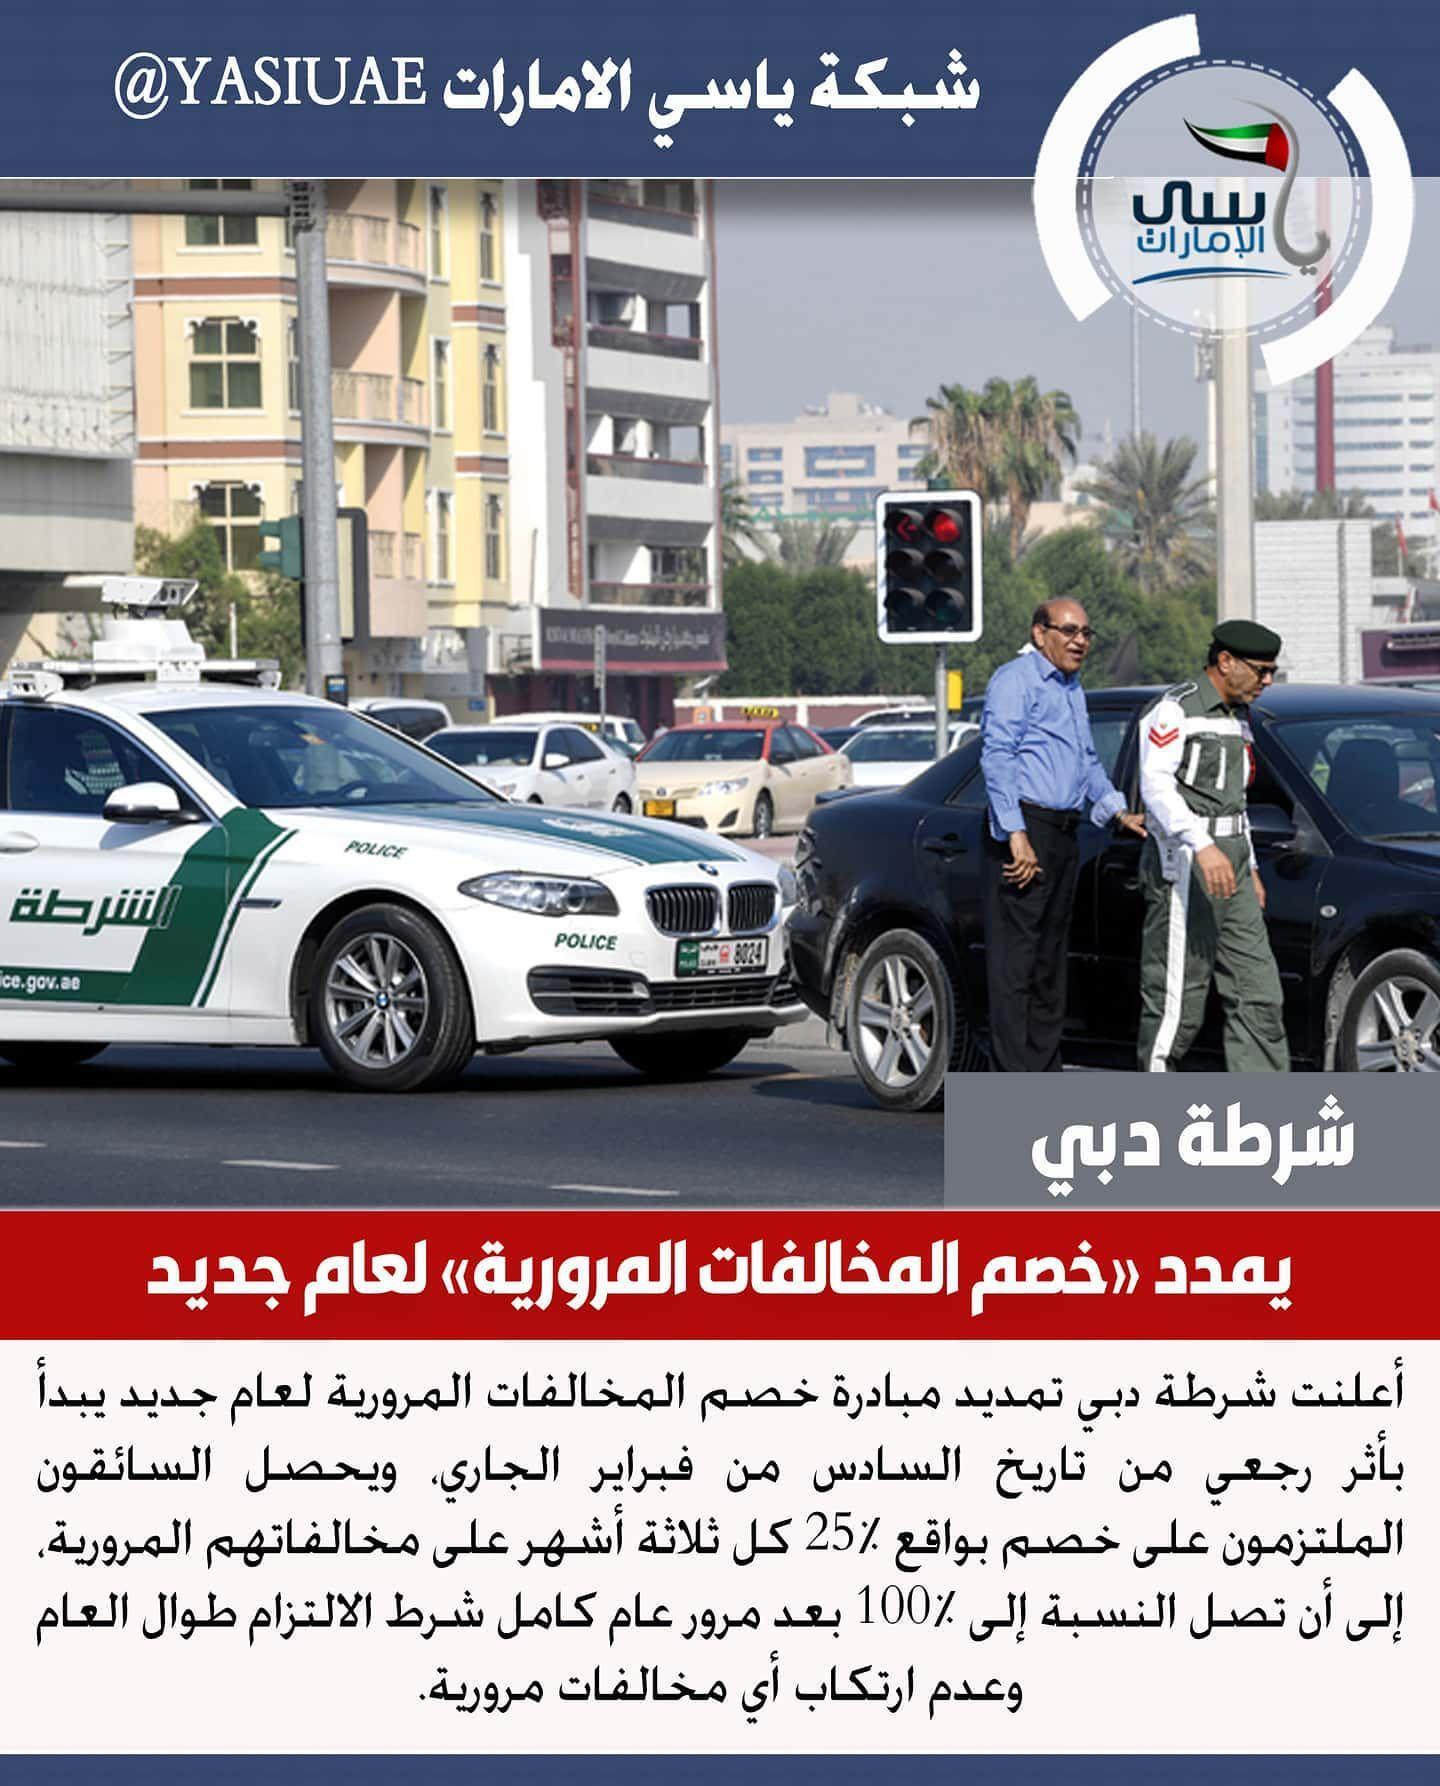 شرطة دبي تمدد خصم المخالفات المرورية لعام جديد ياسي الامارات شبكة ياسي الامارات شبكة ياسي الامارات الاخباري ابوظبي دبي عجمان الشارقة Police 90 S Sis